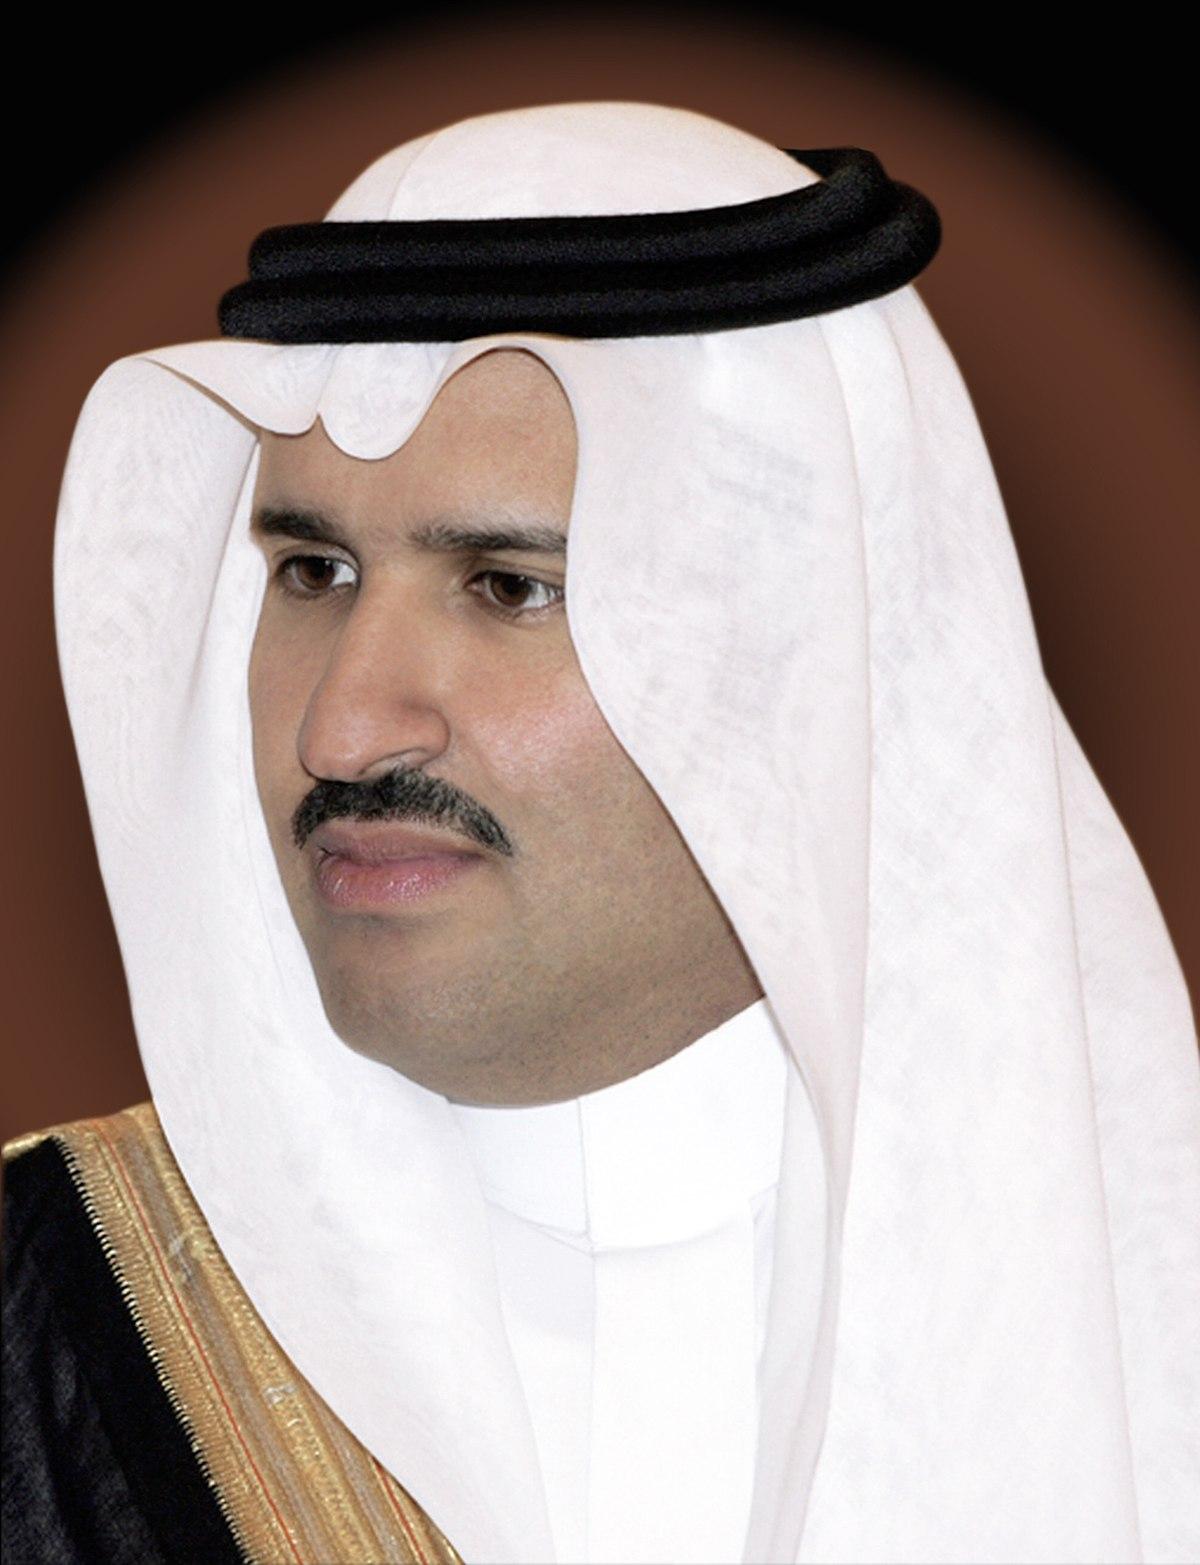 Faisal Bin Salman Bin Abdulaziz Al Saud Wikipedia